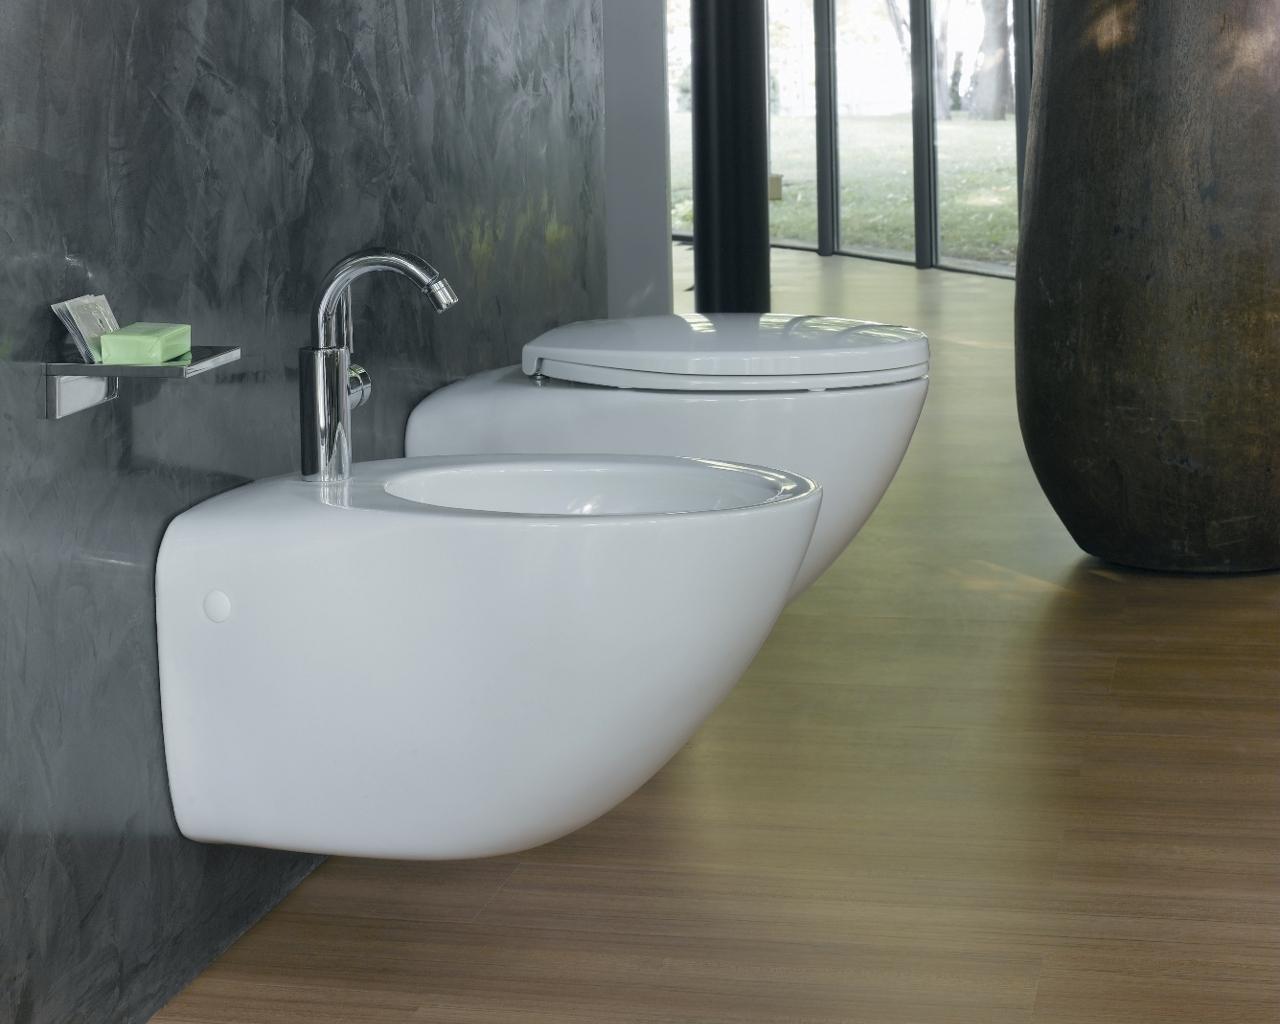 Prodotti di pozzi ginori per arredobagno cllat spa - Vasche da bagno pozzi ginori ...